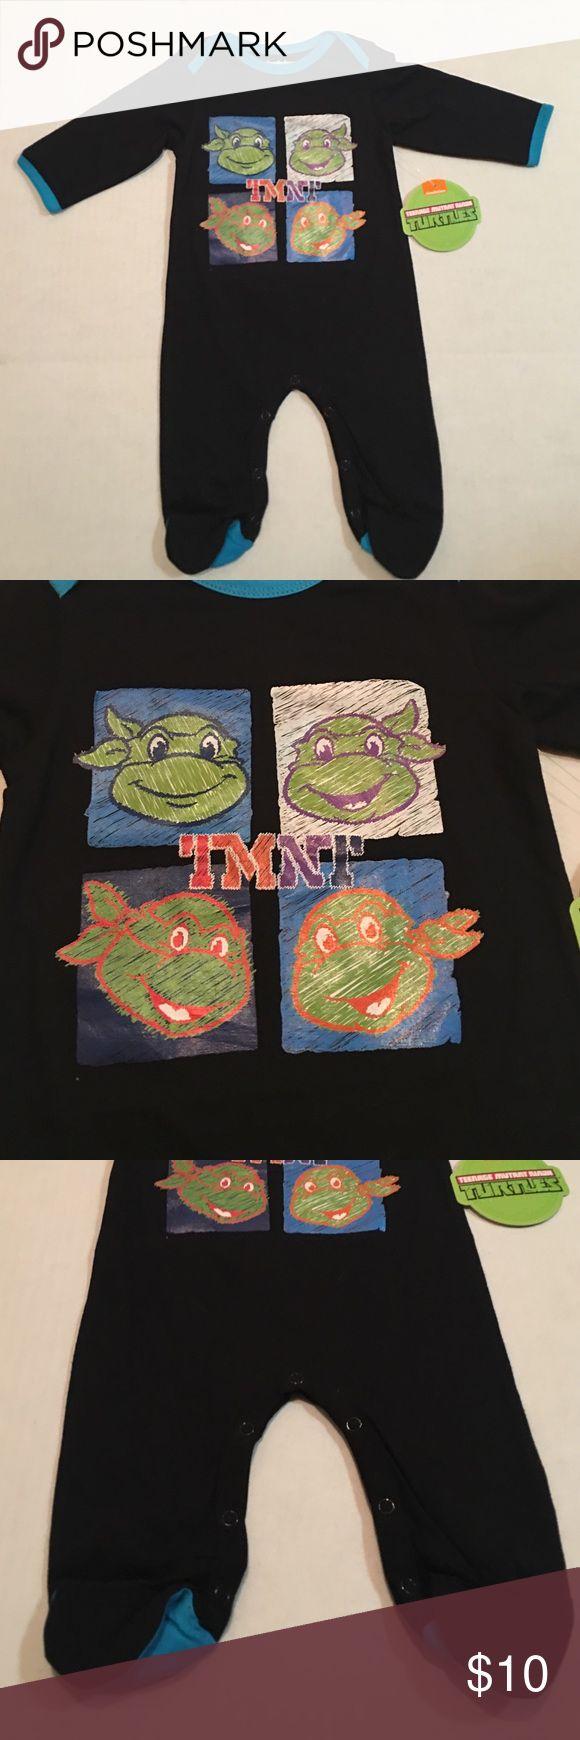 NICKELODEON TEENAGE MUTANT NINJA TURTLES ONESIE NWT Nickelodeon Pajamas